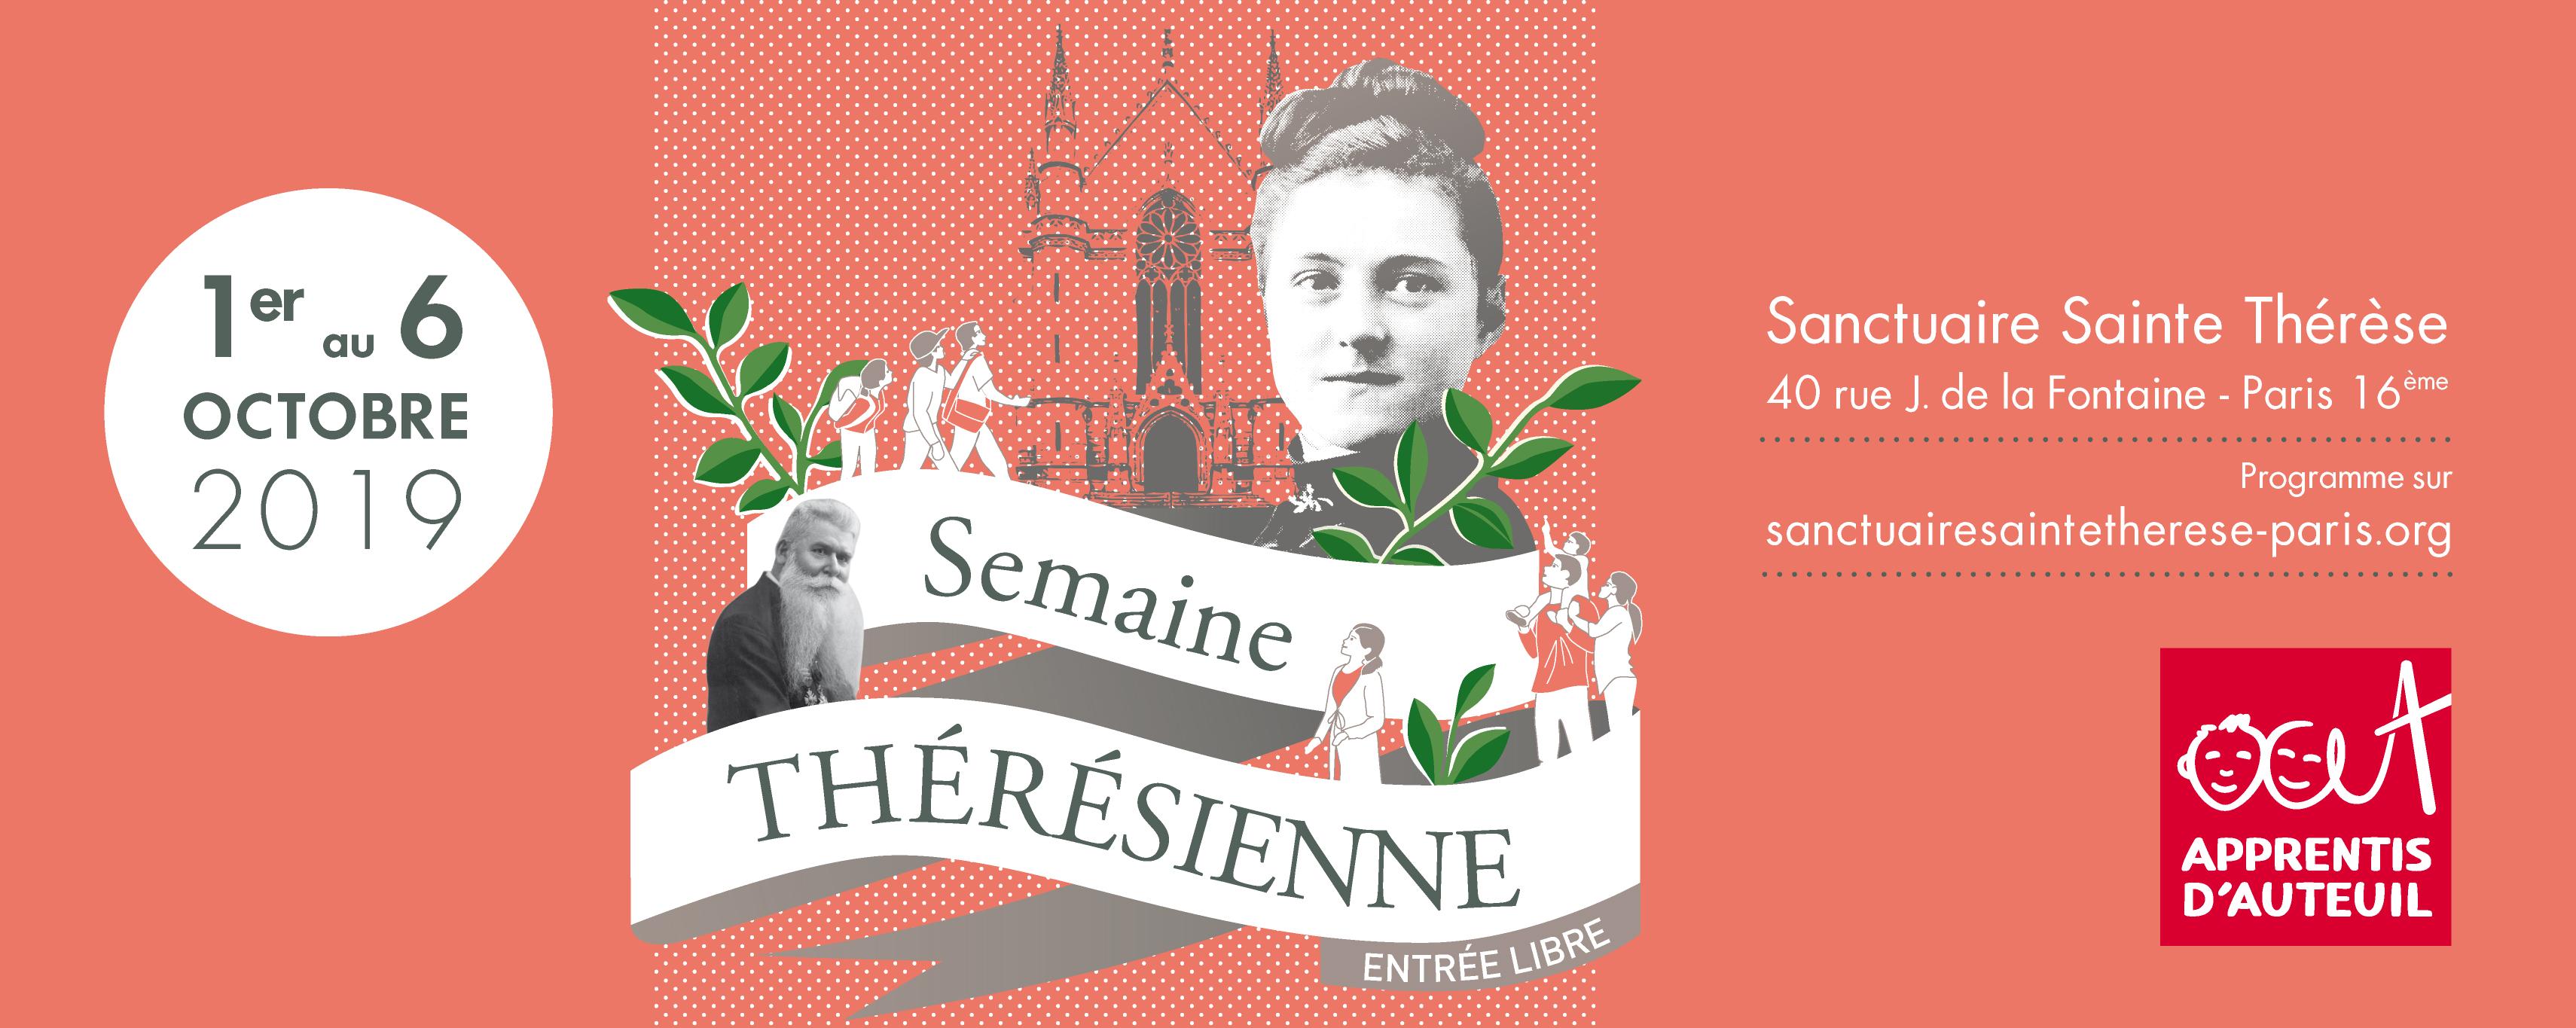 Semaine Thérésienne du 1er au 6 octobre 2019 à Paris